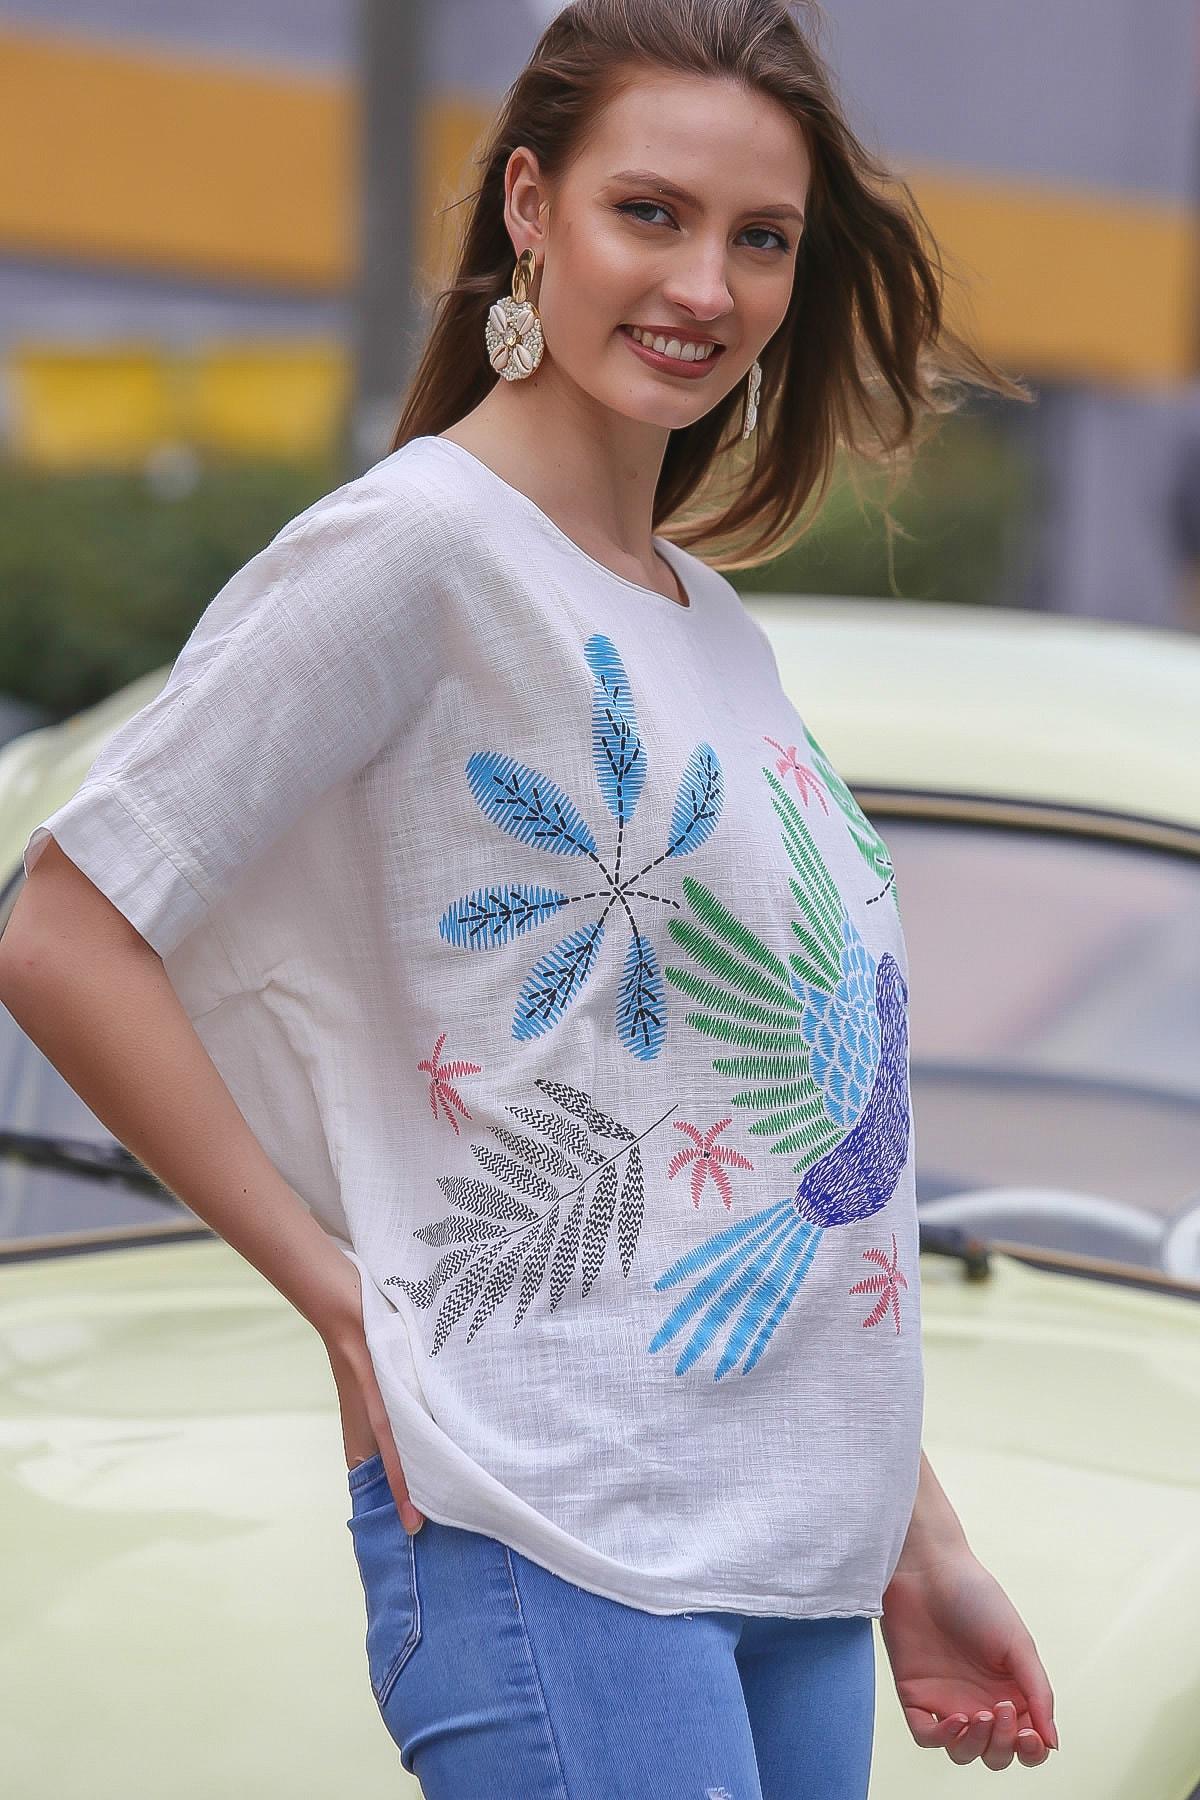 Chiccy Kadın Beyaz Sıfır Yaka Yalı Çapkını Kuş Desenli Salaş Dokuma Bluz M10010200BL95418 3